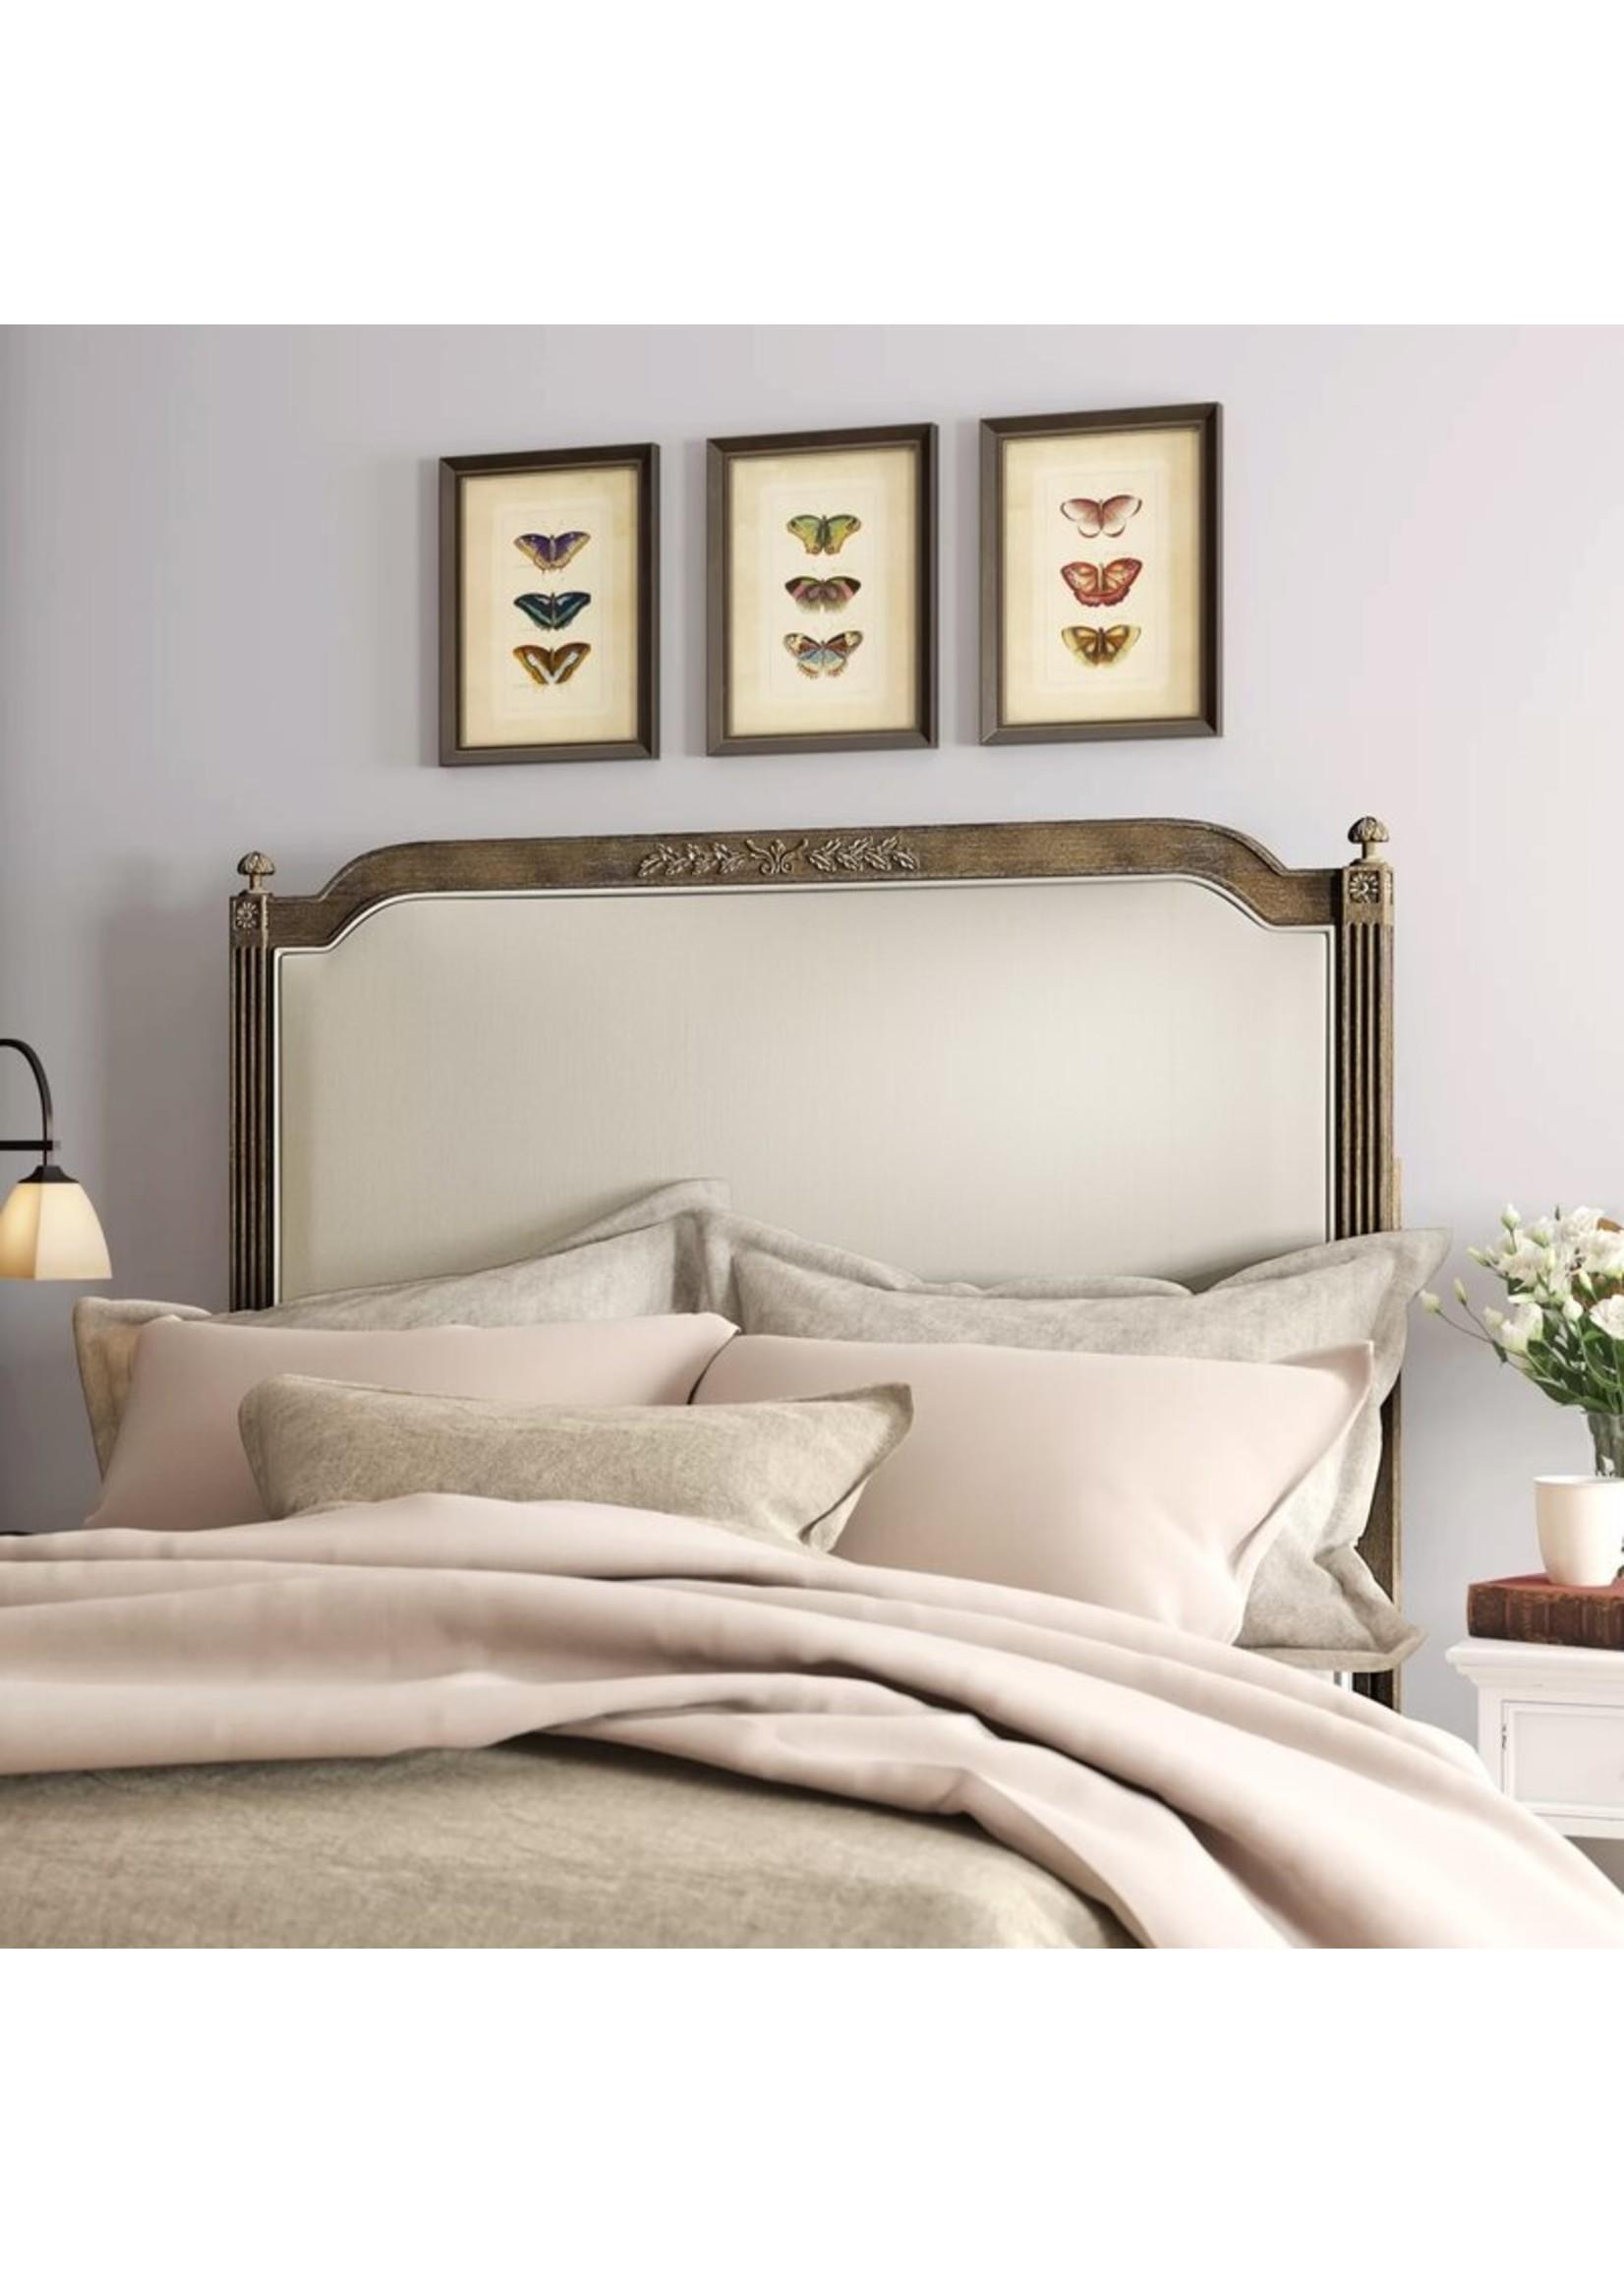 *Queen - Arine Upholstered Panel Headboard